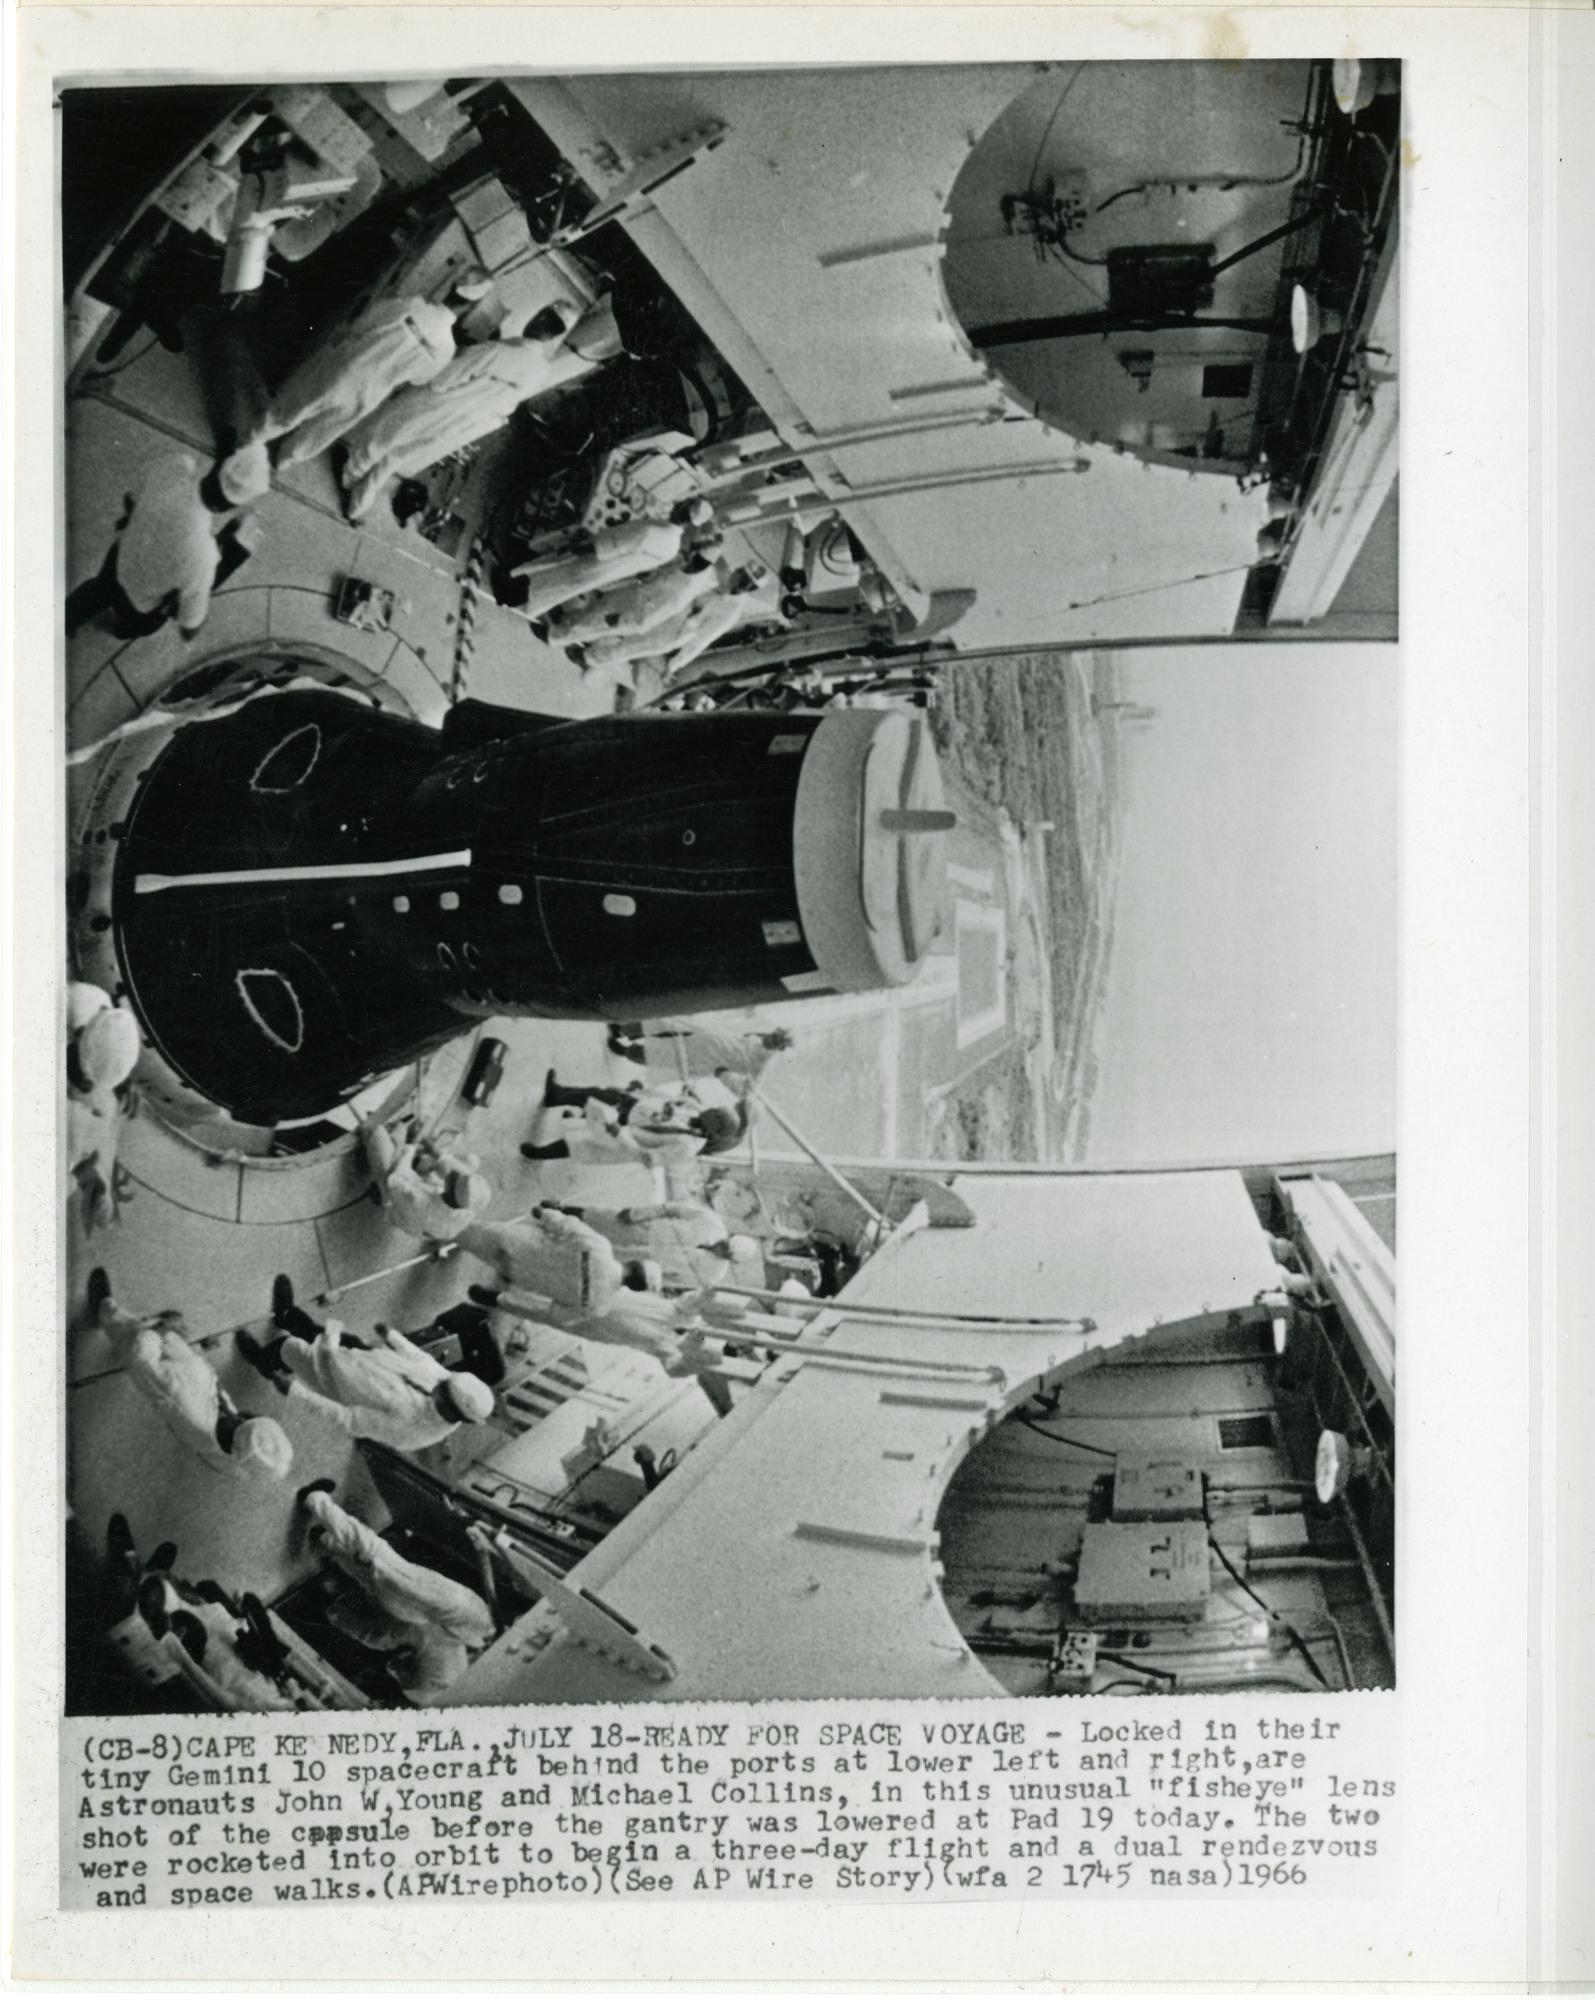 http://spec.lib.vt.edu/pickup/Omeka_upload/Ms1989-029_B07_F1b_Photo_1966_0718_01.jpg